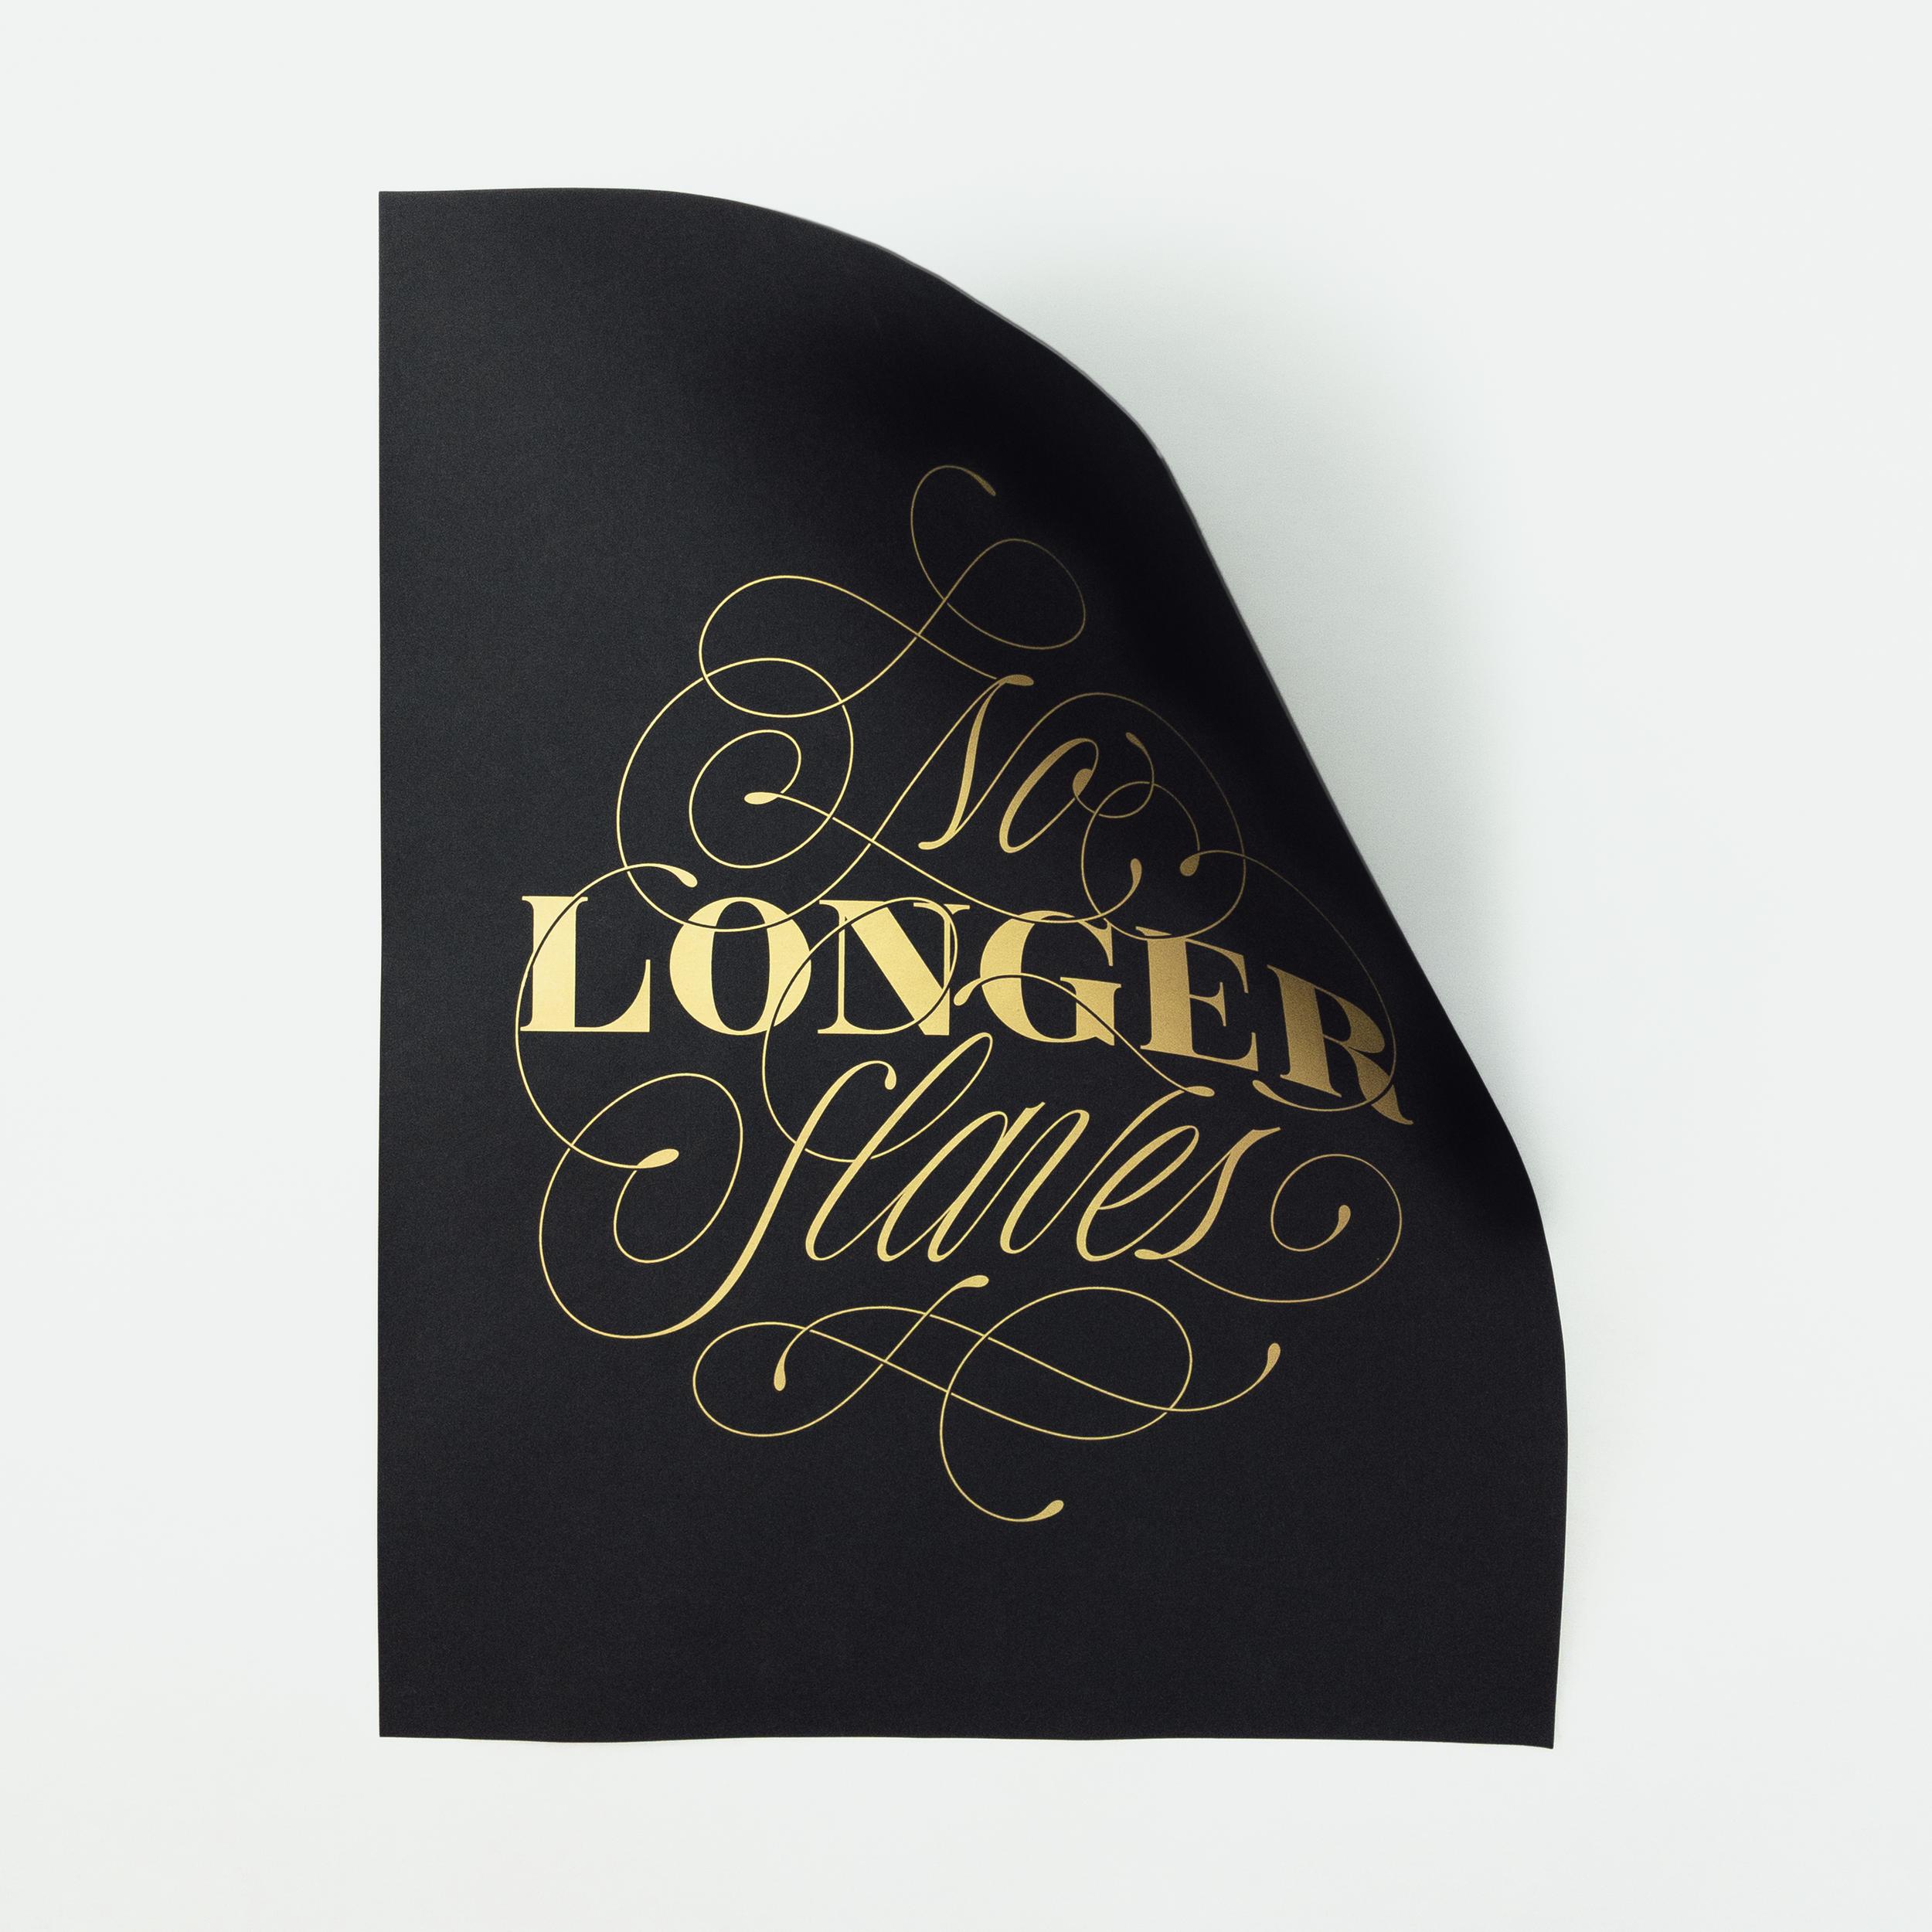 Tamaño: 65 x 50cm  Medio: 1 tinta dorada sobre papel de 300 grs  Edición limitada de 30 piezas; firmada y numerada